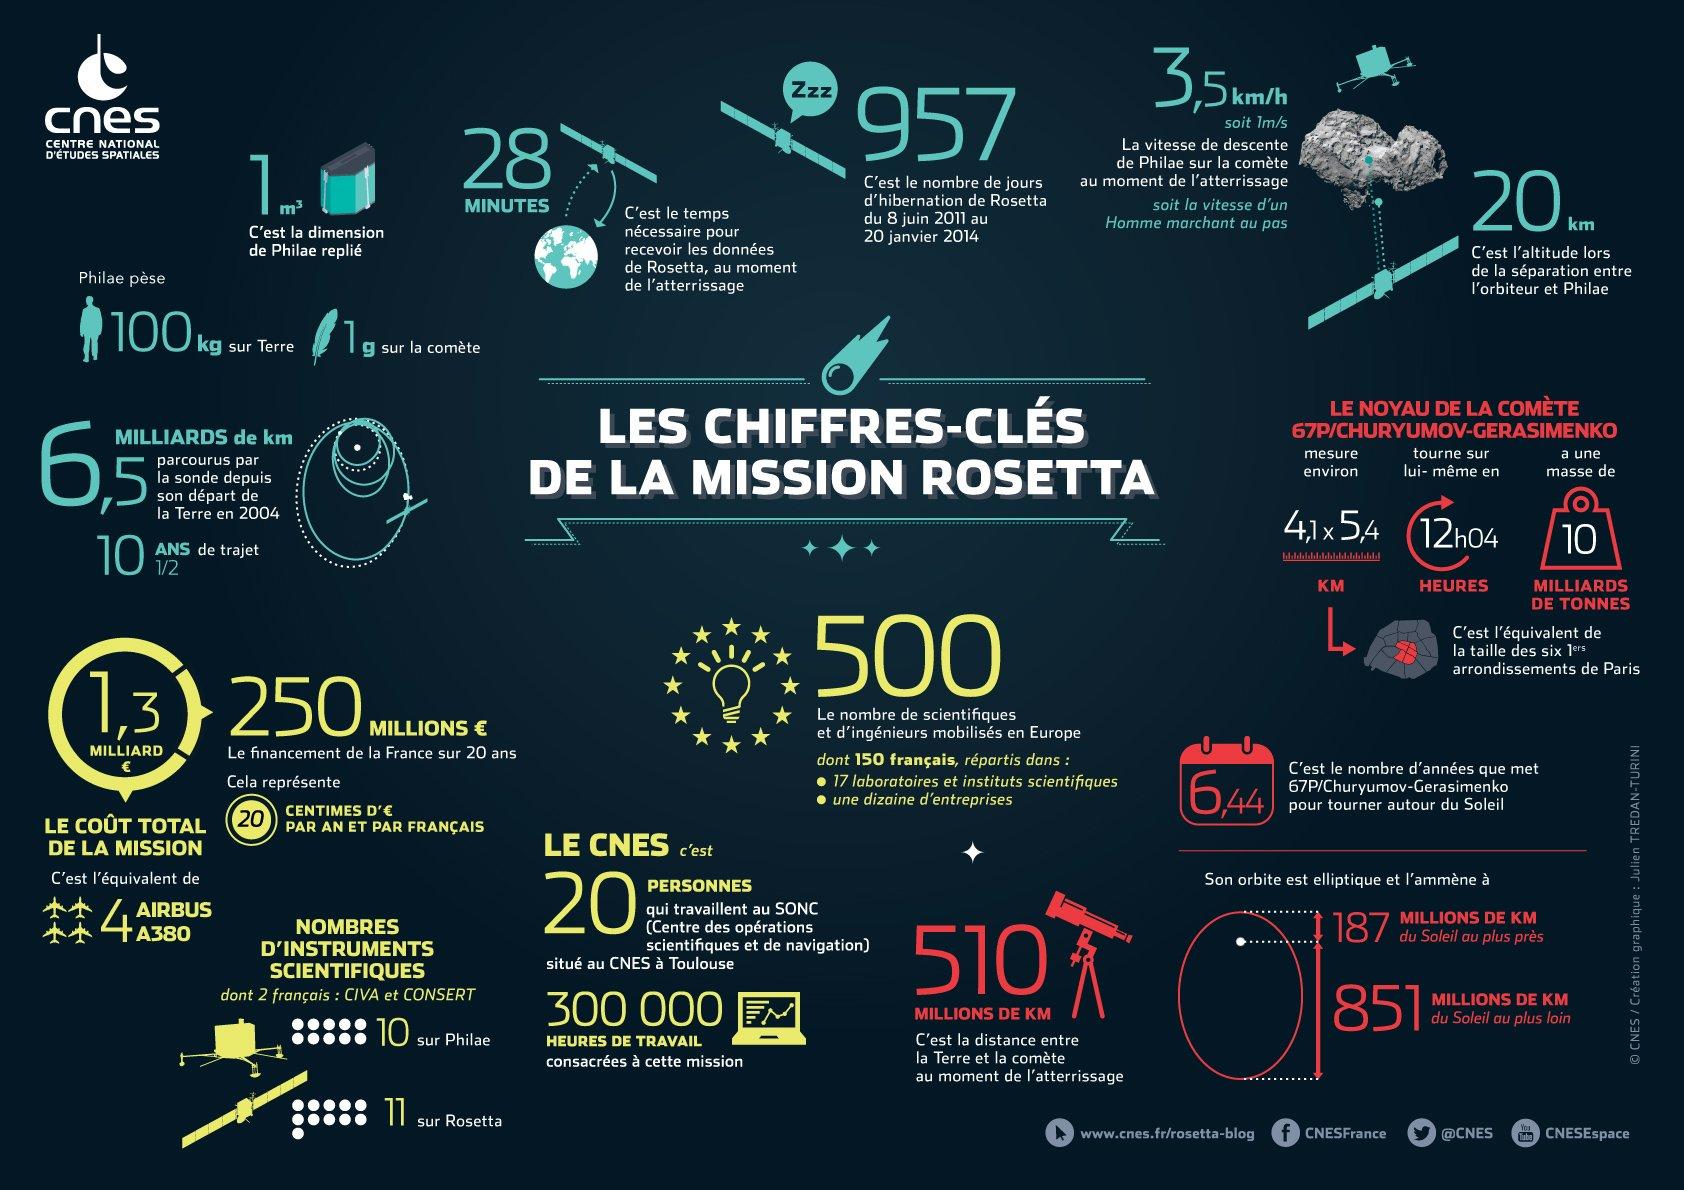 #Philae L'ensemble de la mission #Rosetta a coûté 20 centimes par an et par français, pendant 20 ans https://t.co/jLkOxFakXJ